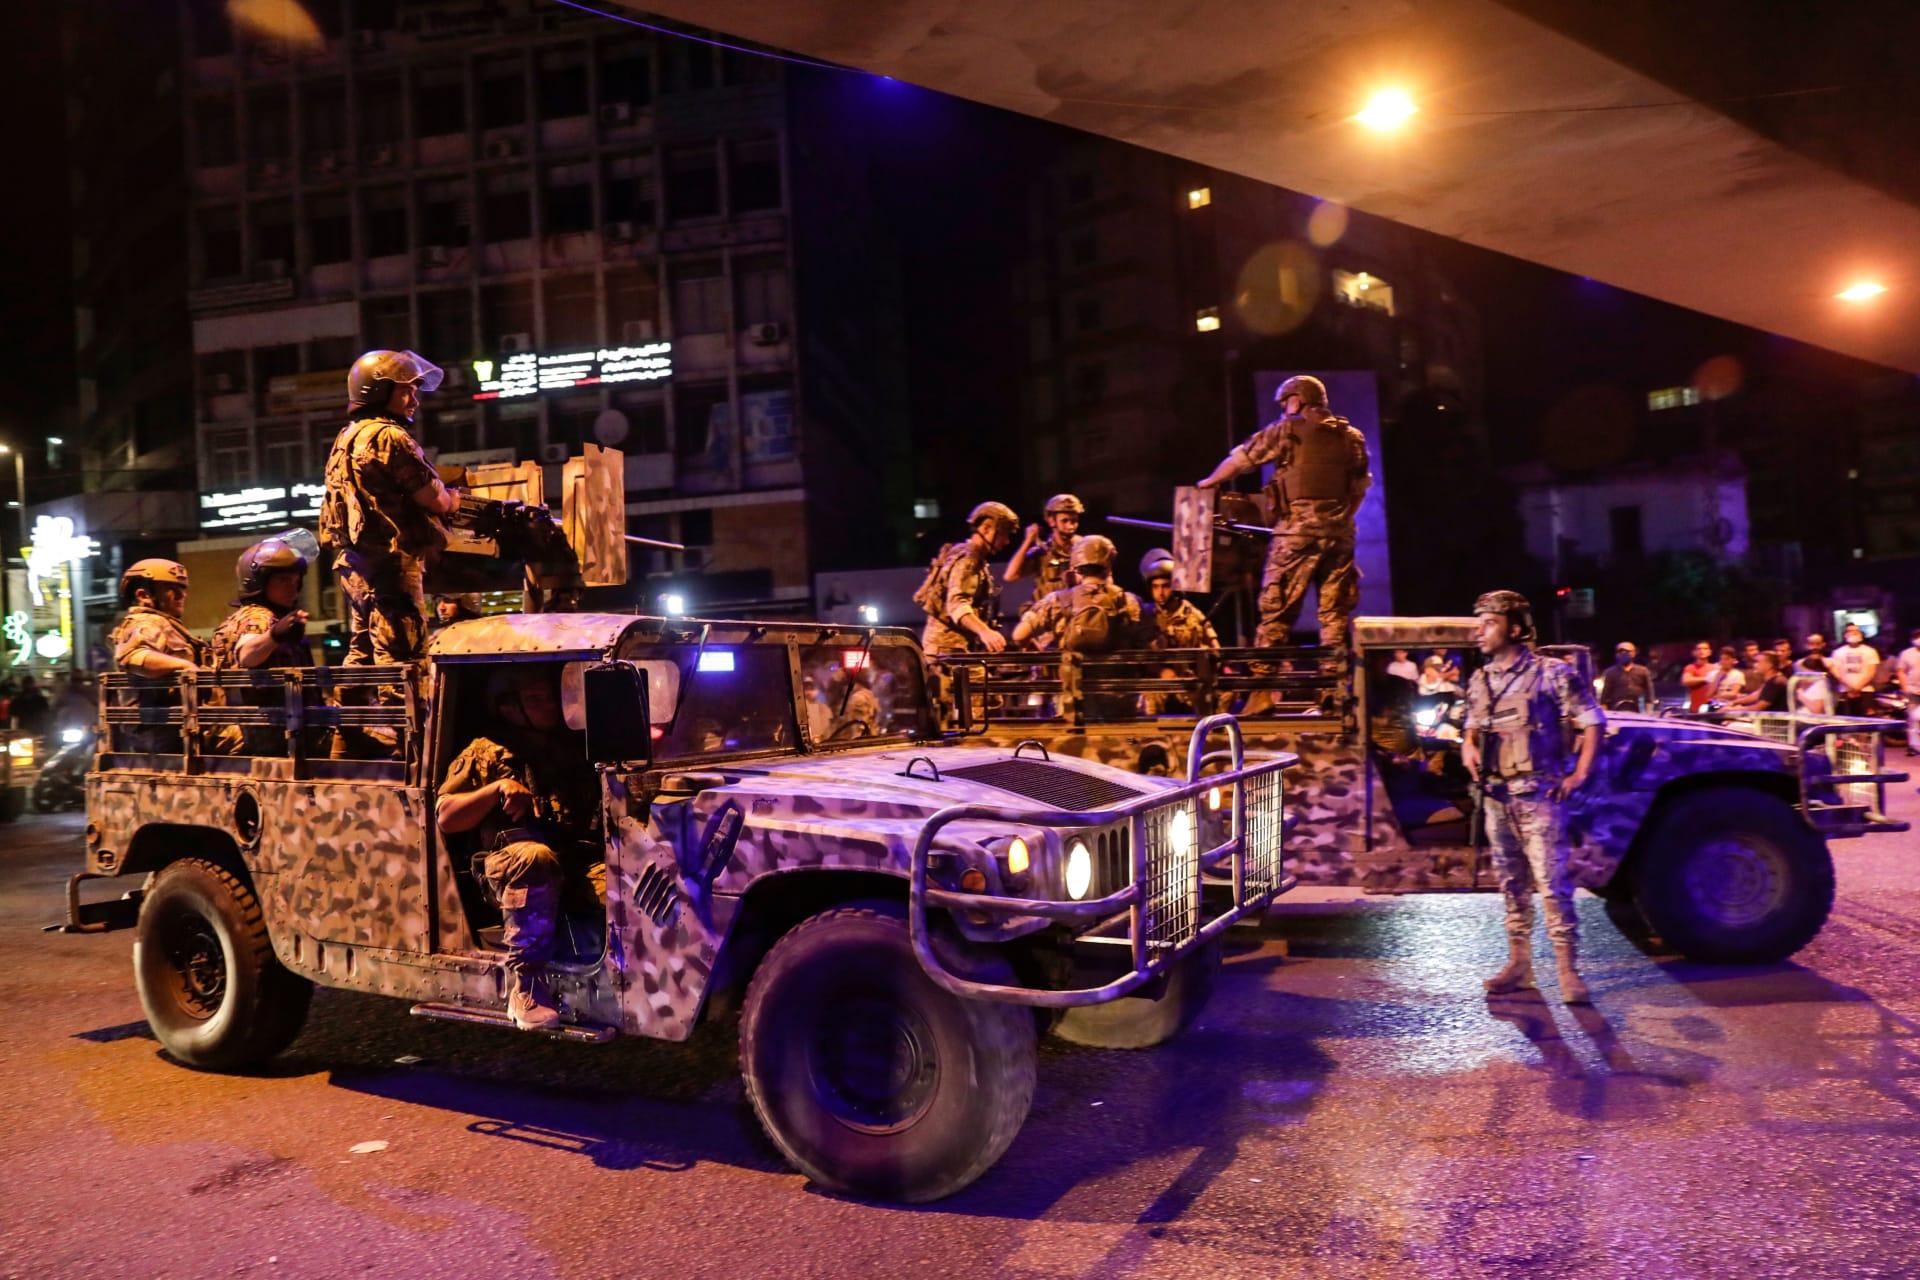 دورية تابعة للجيش اللبناني في العاصمة بيروت لمواجهة احتجاجات واسعة بعد تردي الاوضاع الاقتصادية